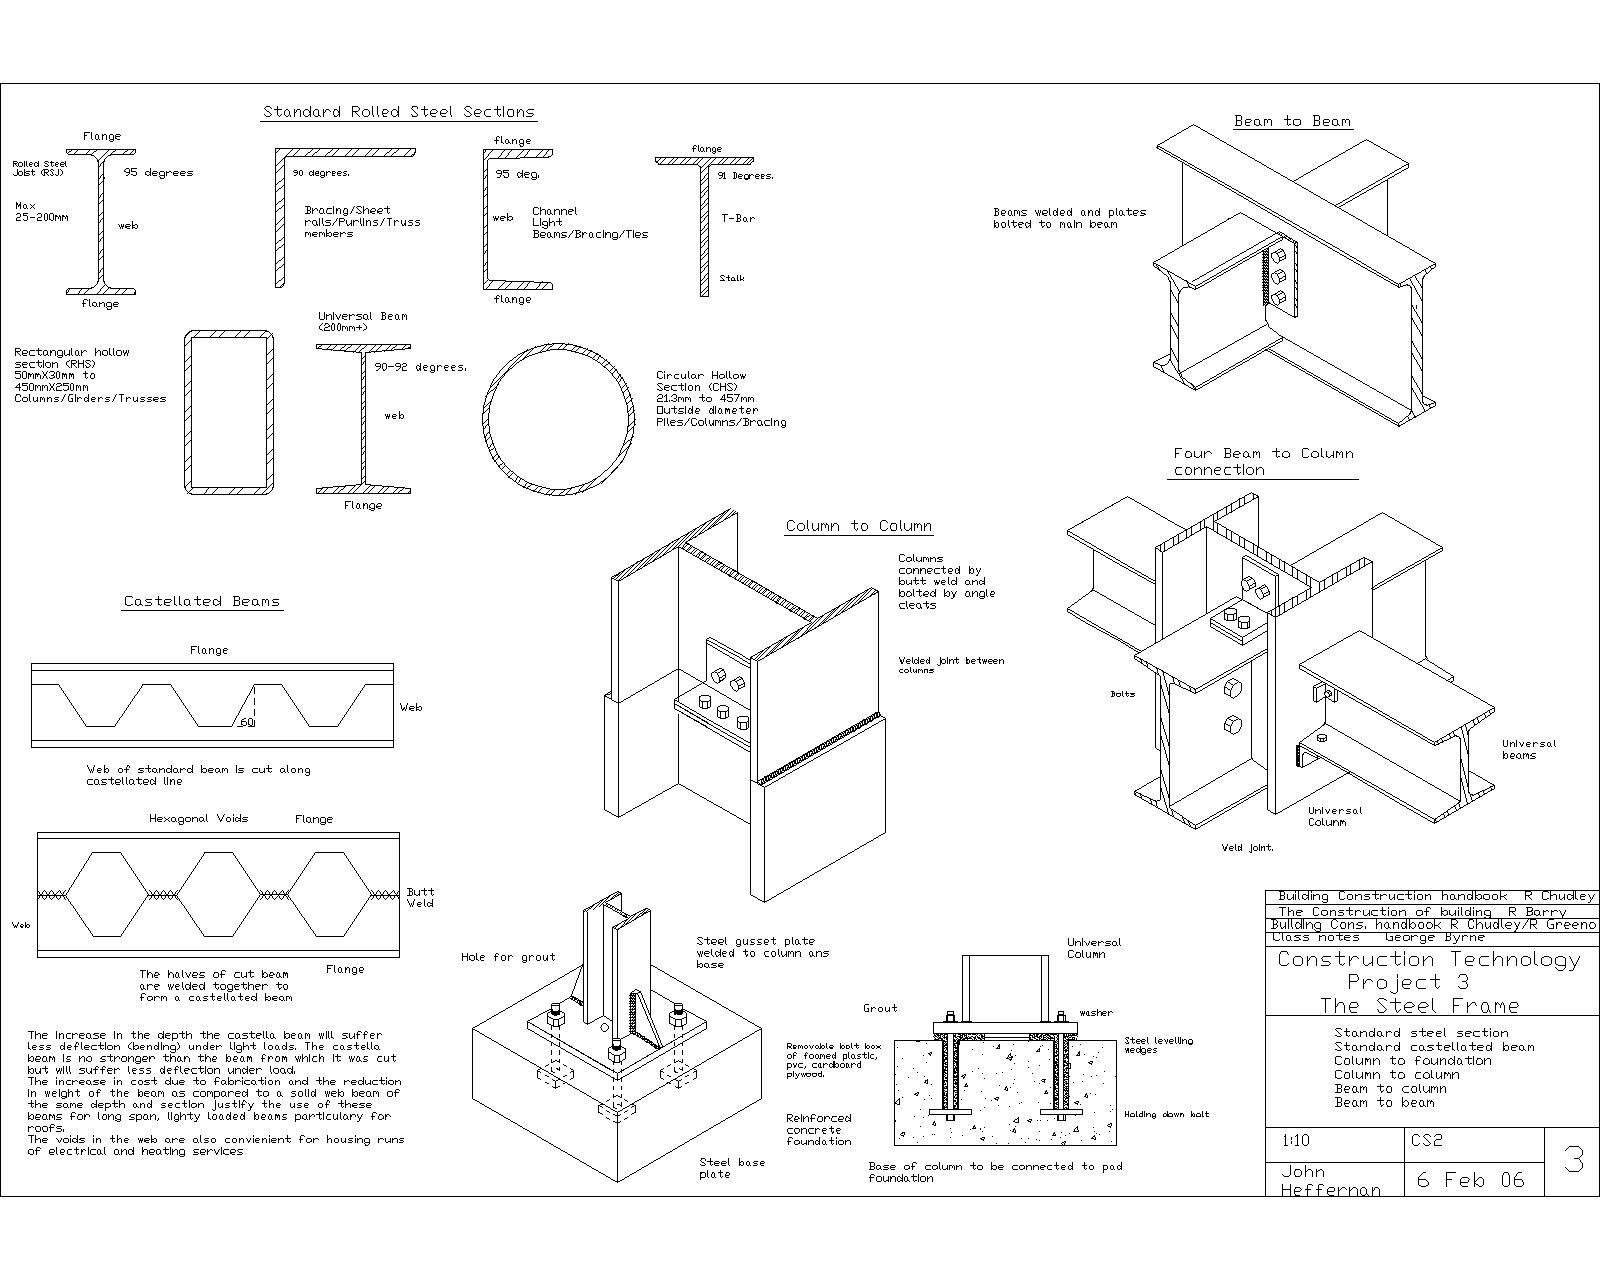 جزییات اتصالات فولادی بصورت سه بعدی